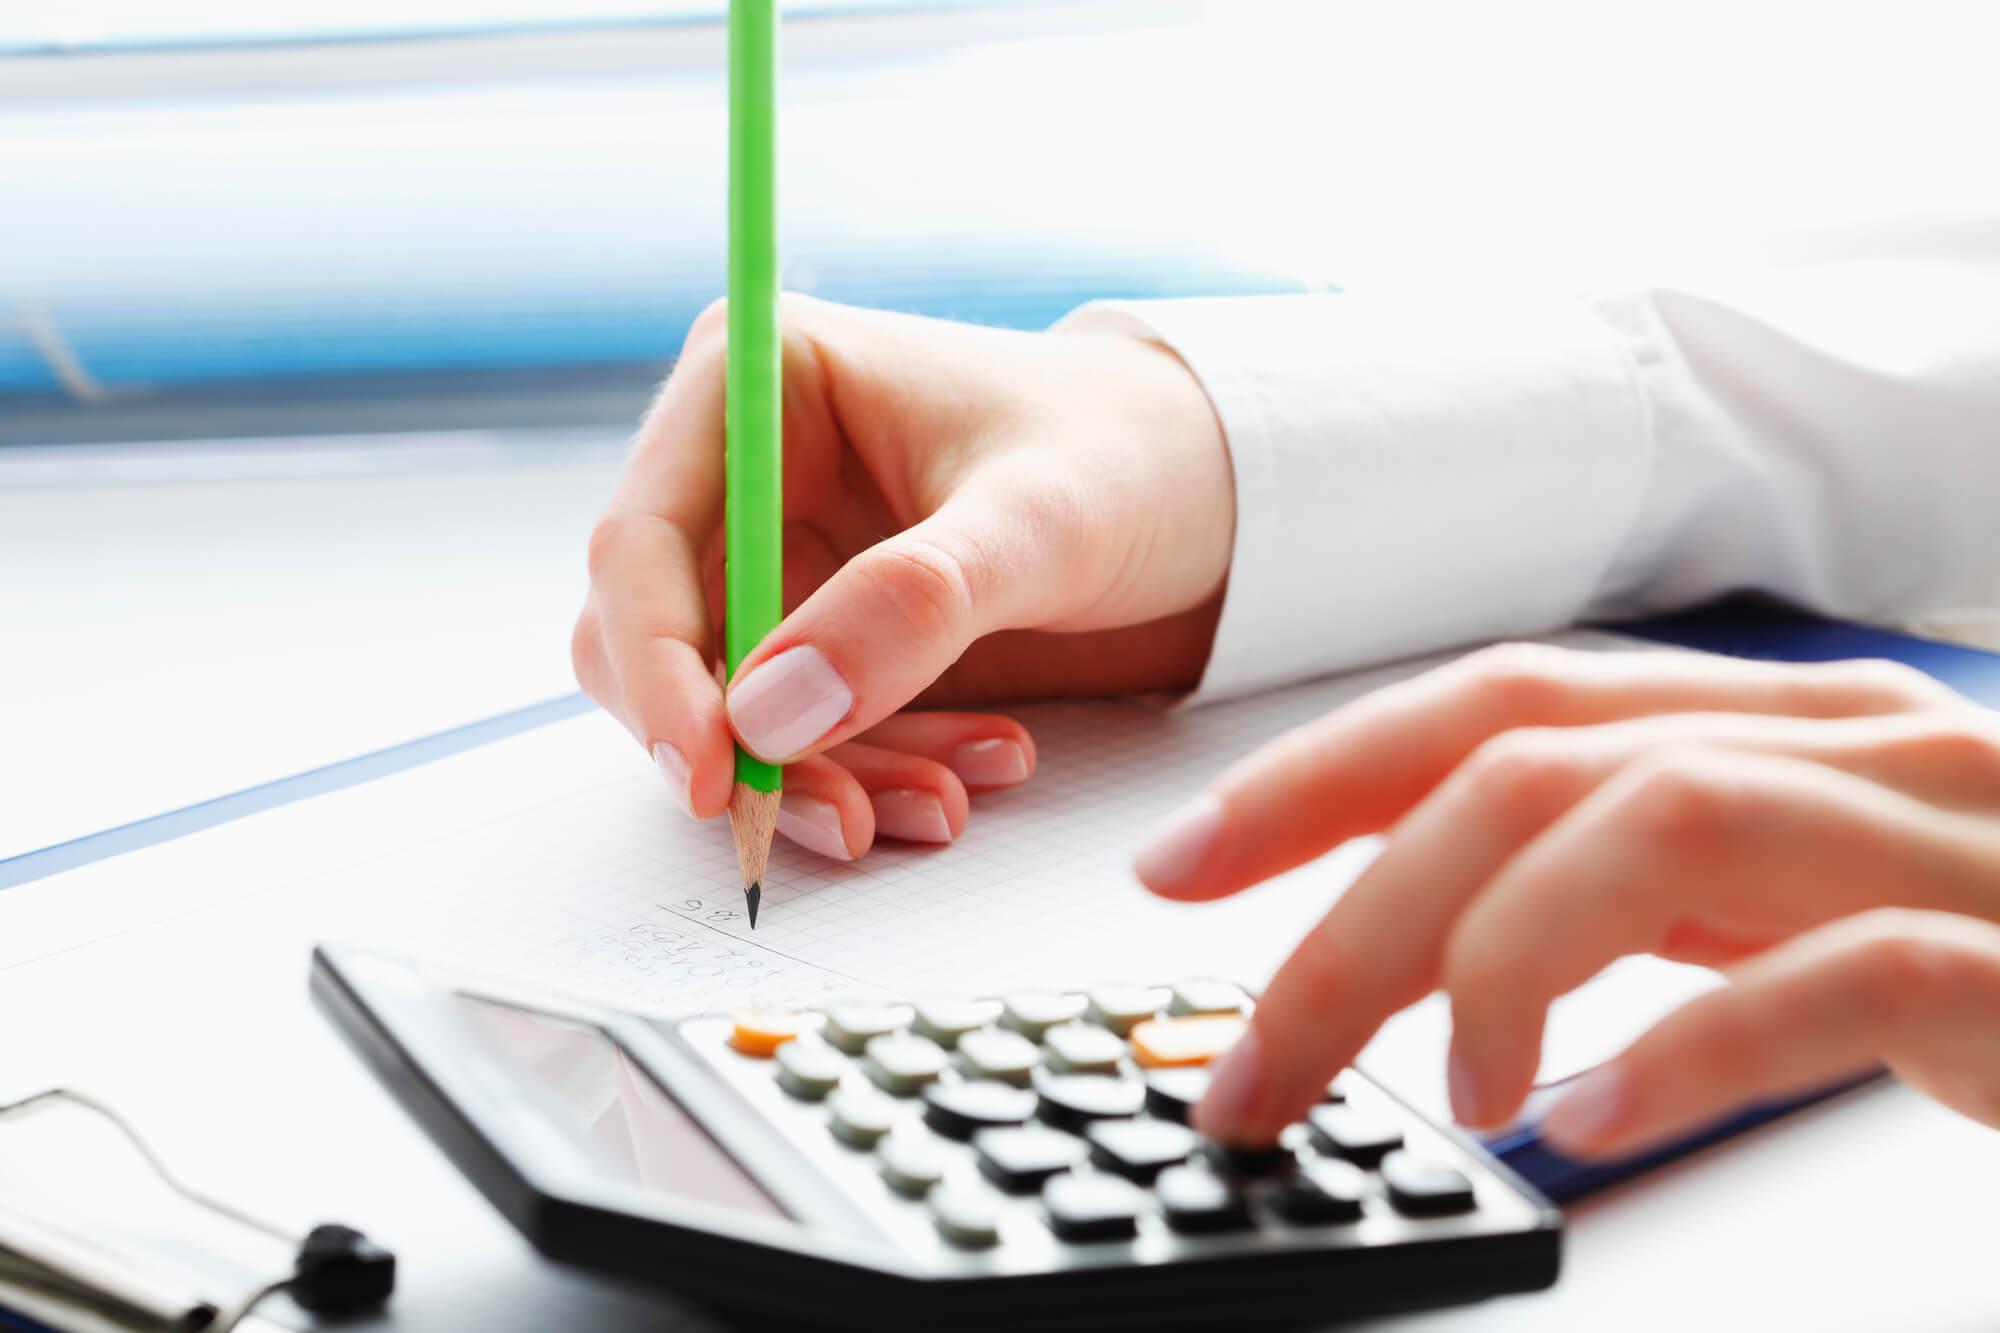 Planejamento financeiro: 7 dicas para conseguir pagar a faculdade